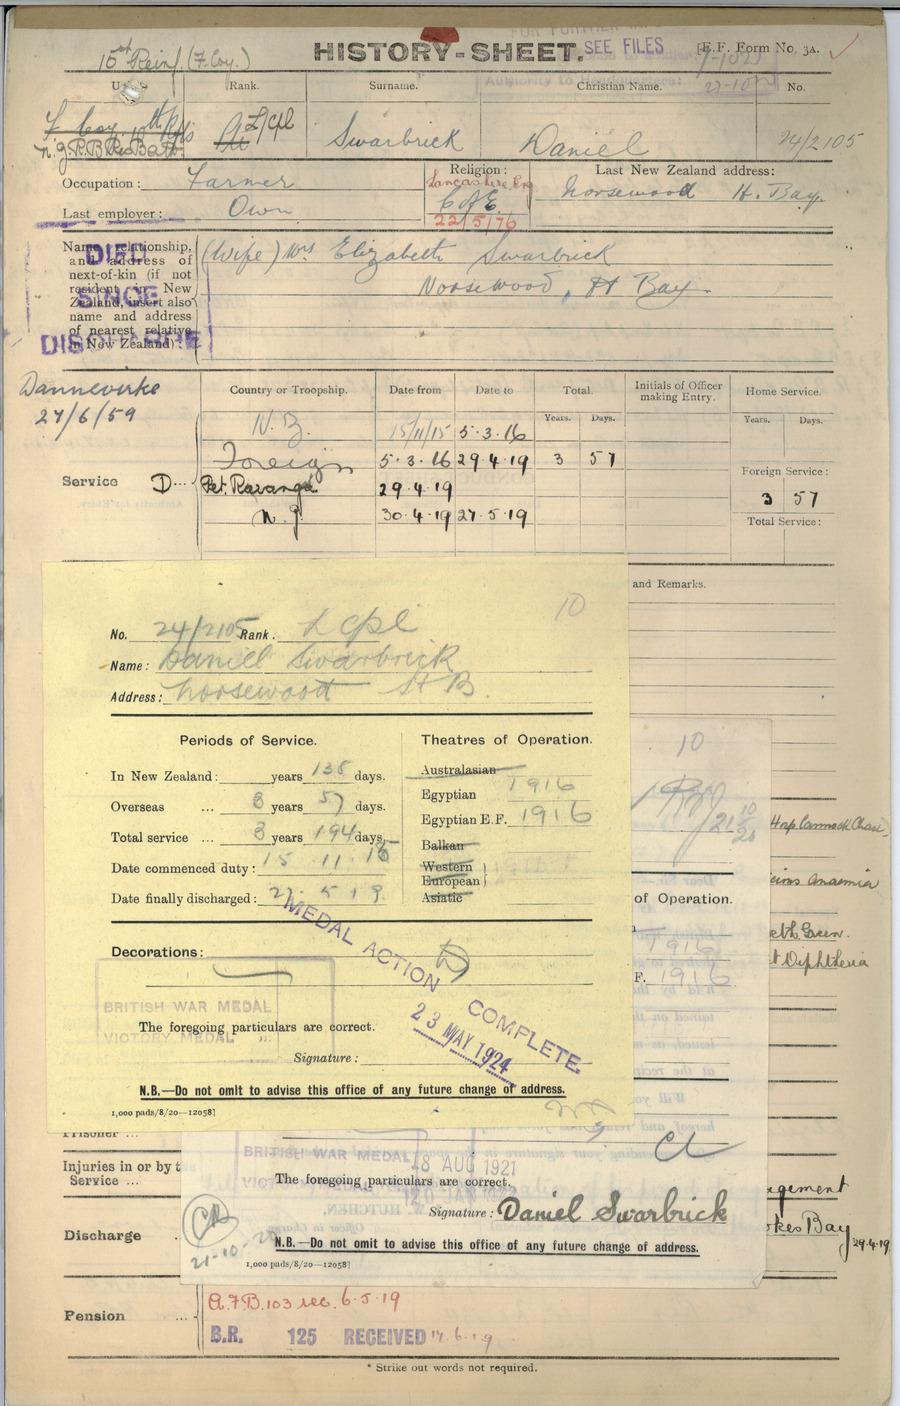 SWARBRICK, Daniel - WW1 24/2105 - Army